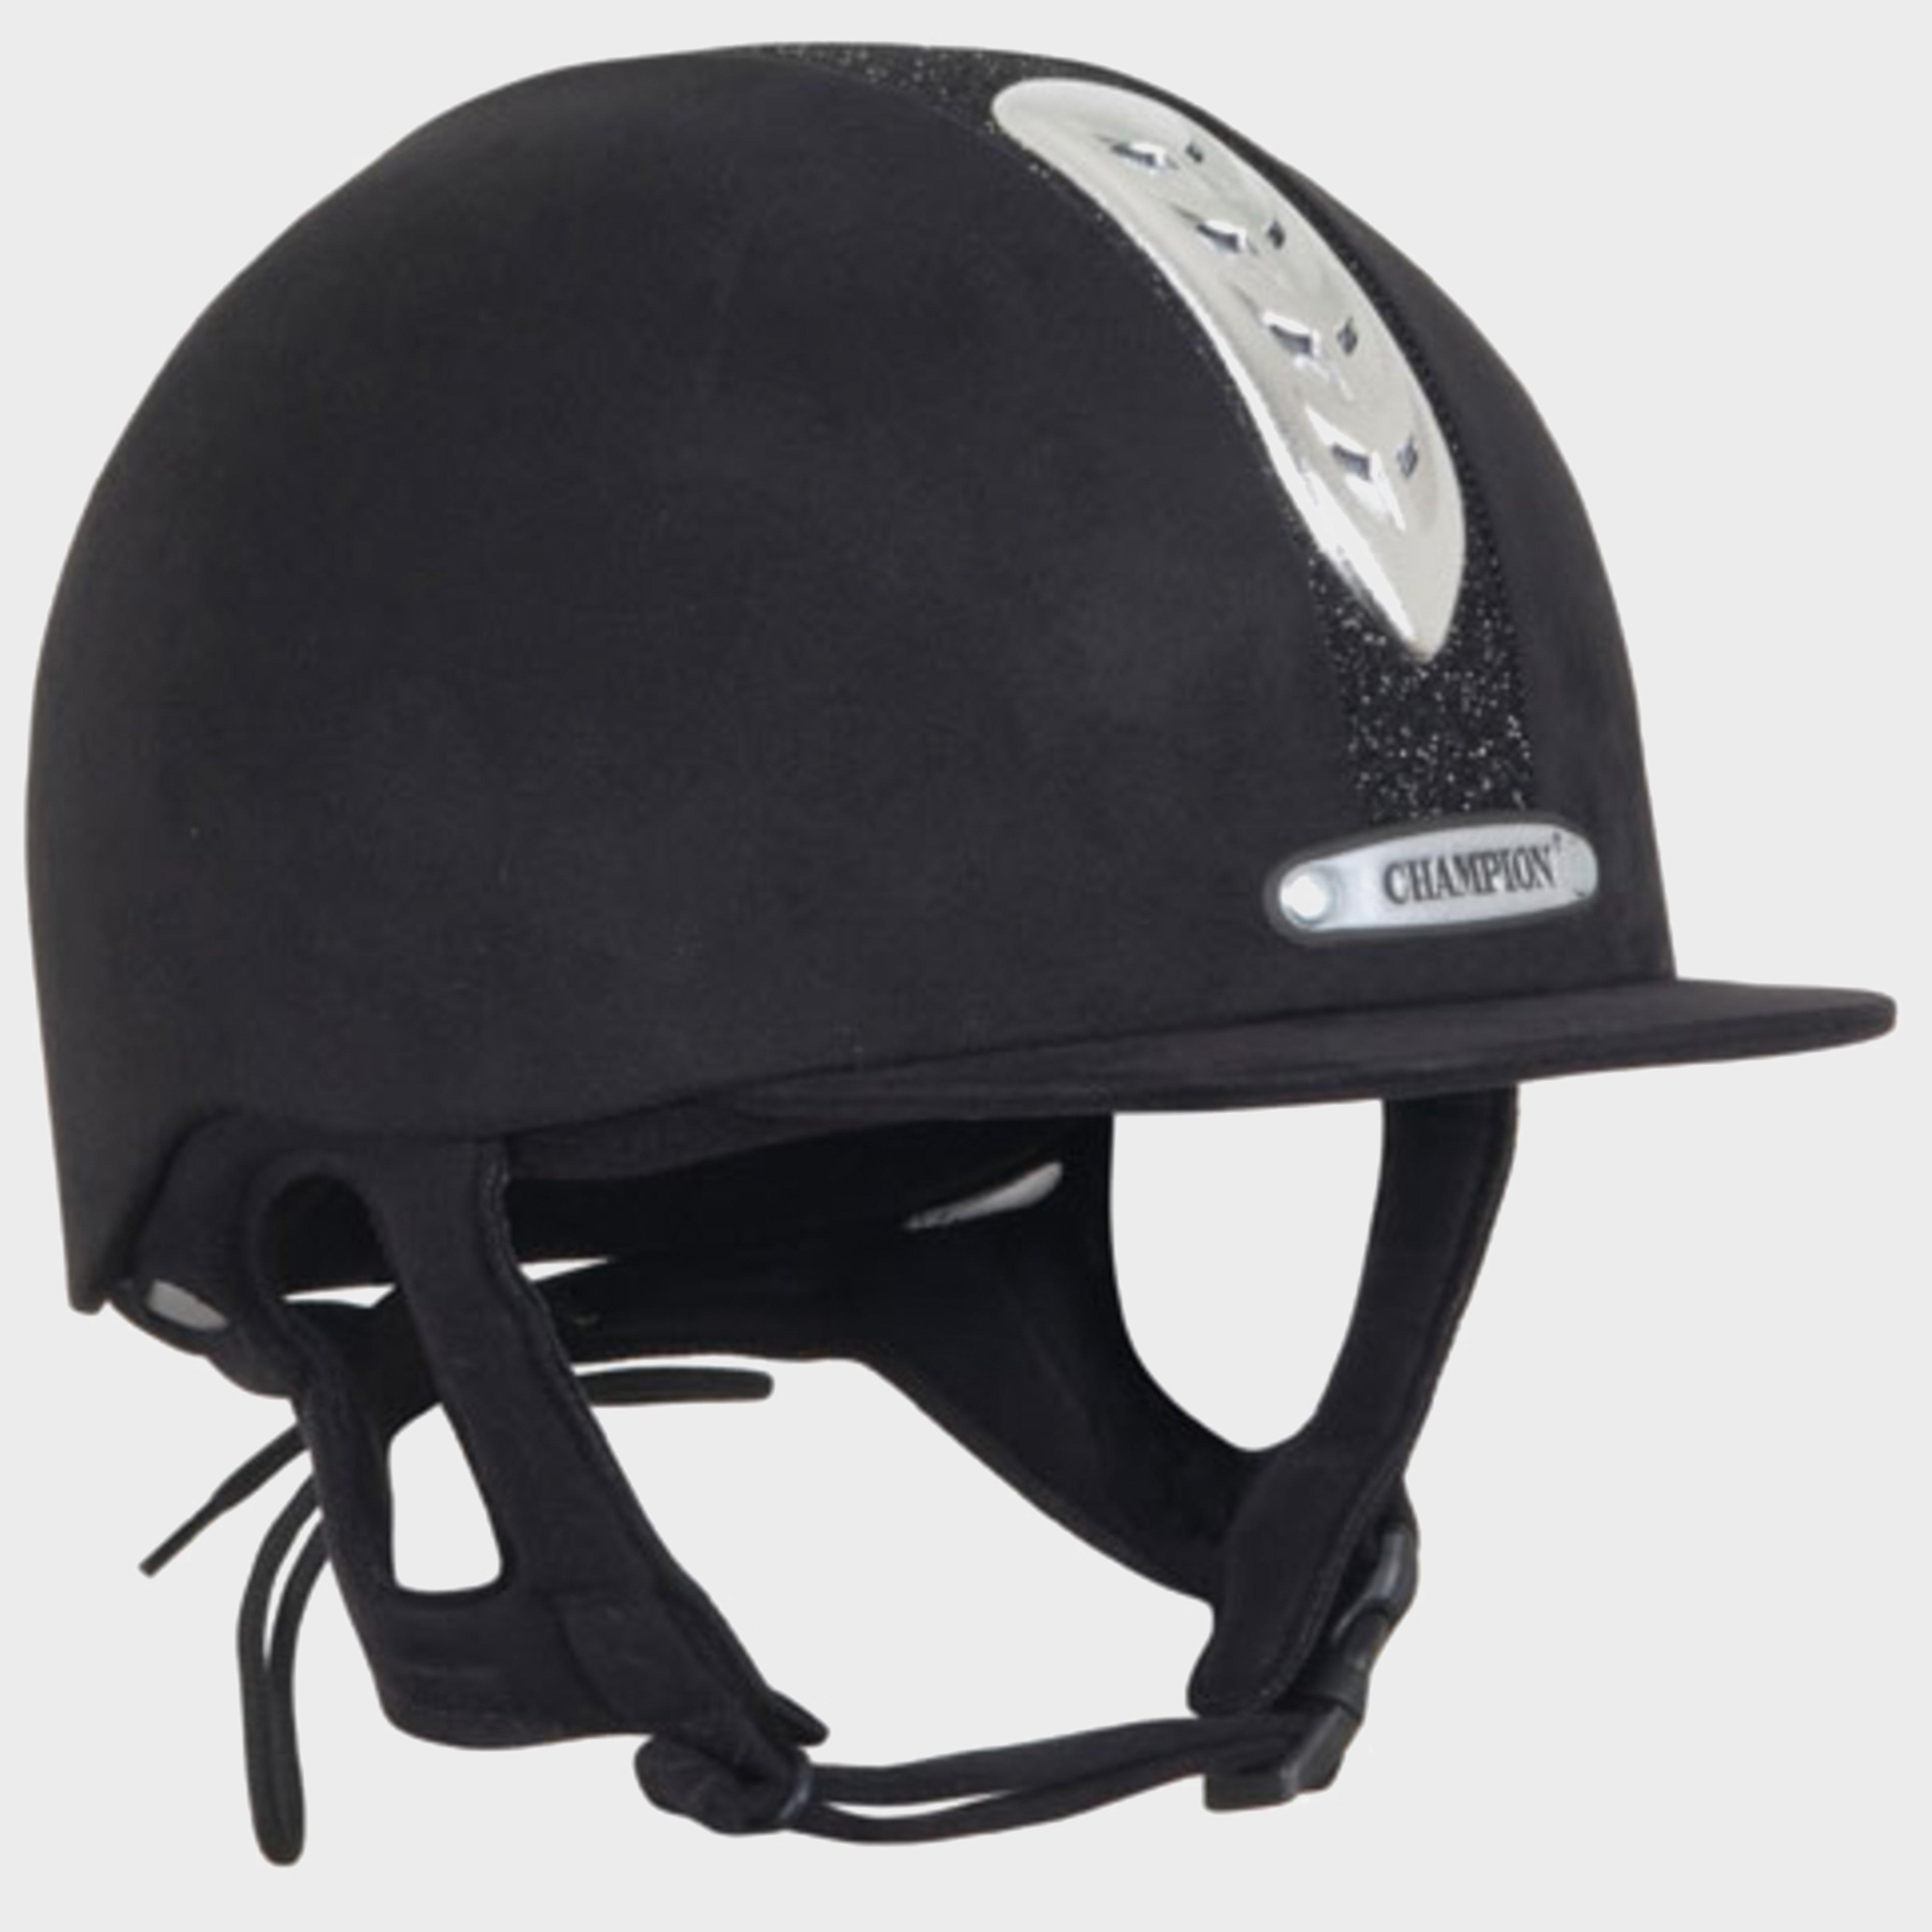 Image of Champion Junior X-Air Dazzle Plus Riding Helmet - Black/Plus, Black/PLUS